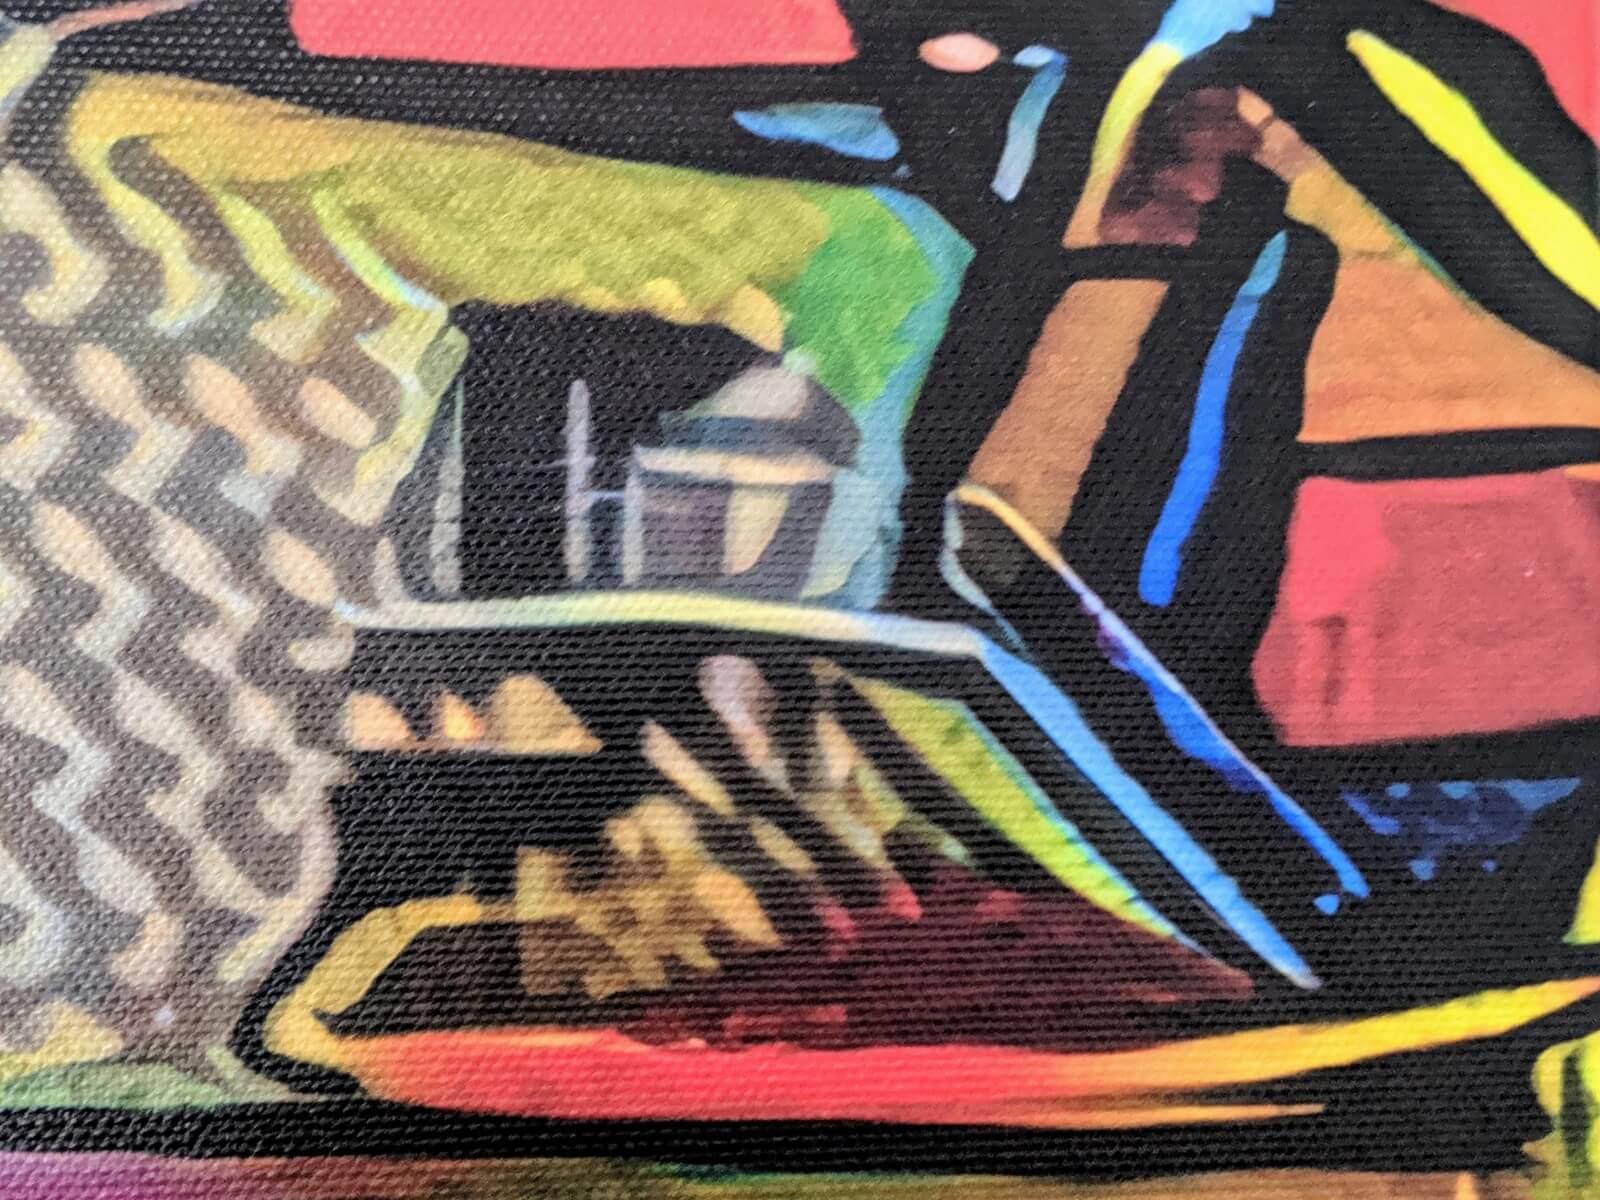 Zelfs abstracte details blijven scherp!